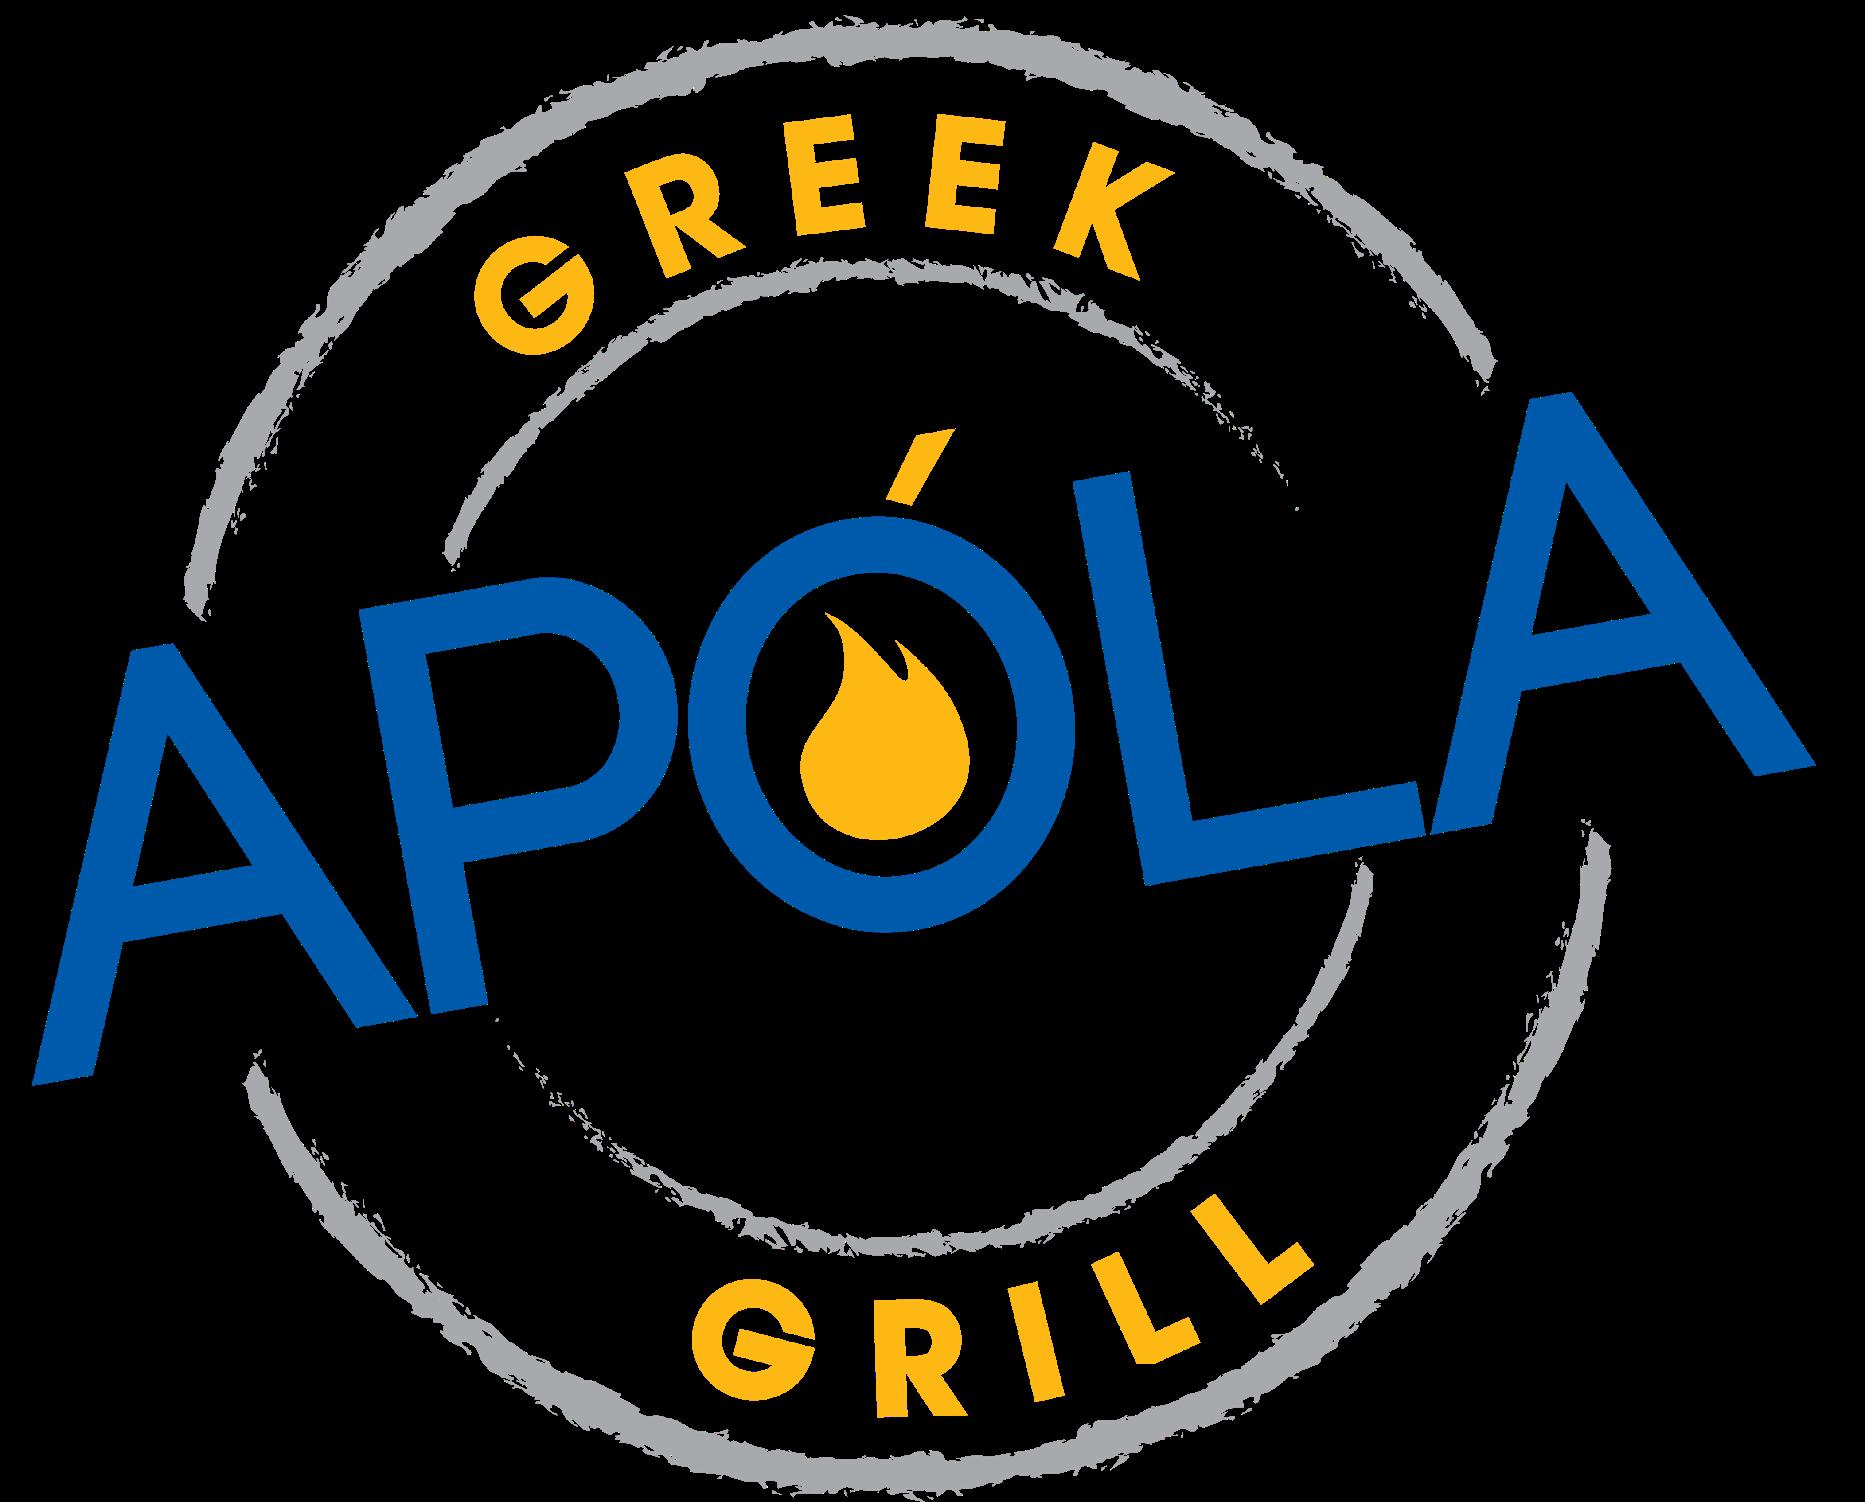 Apola grill logo